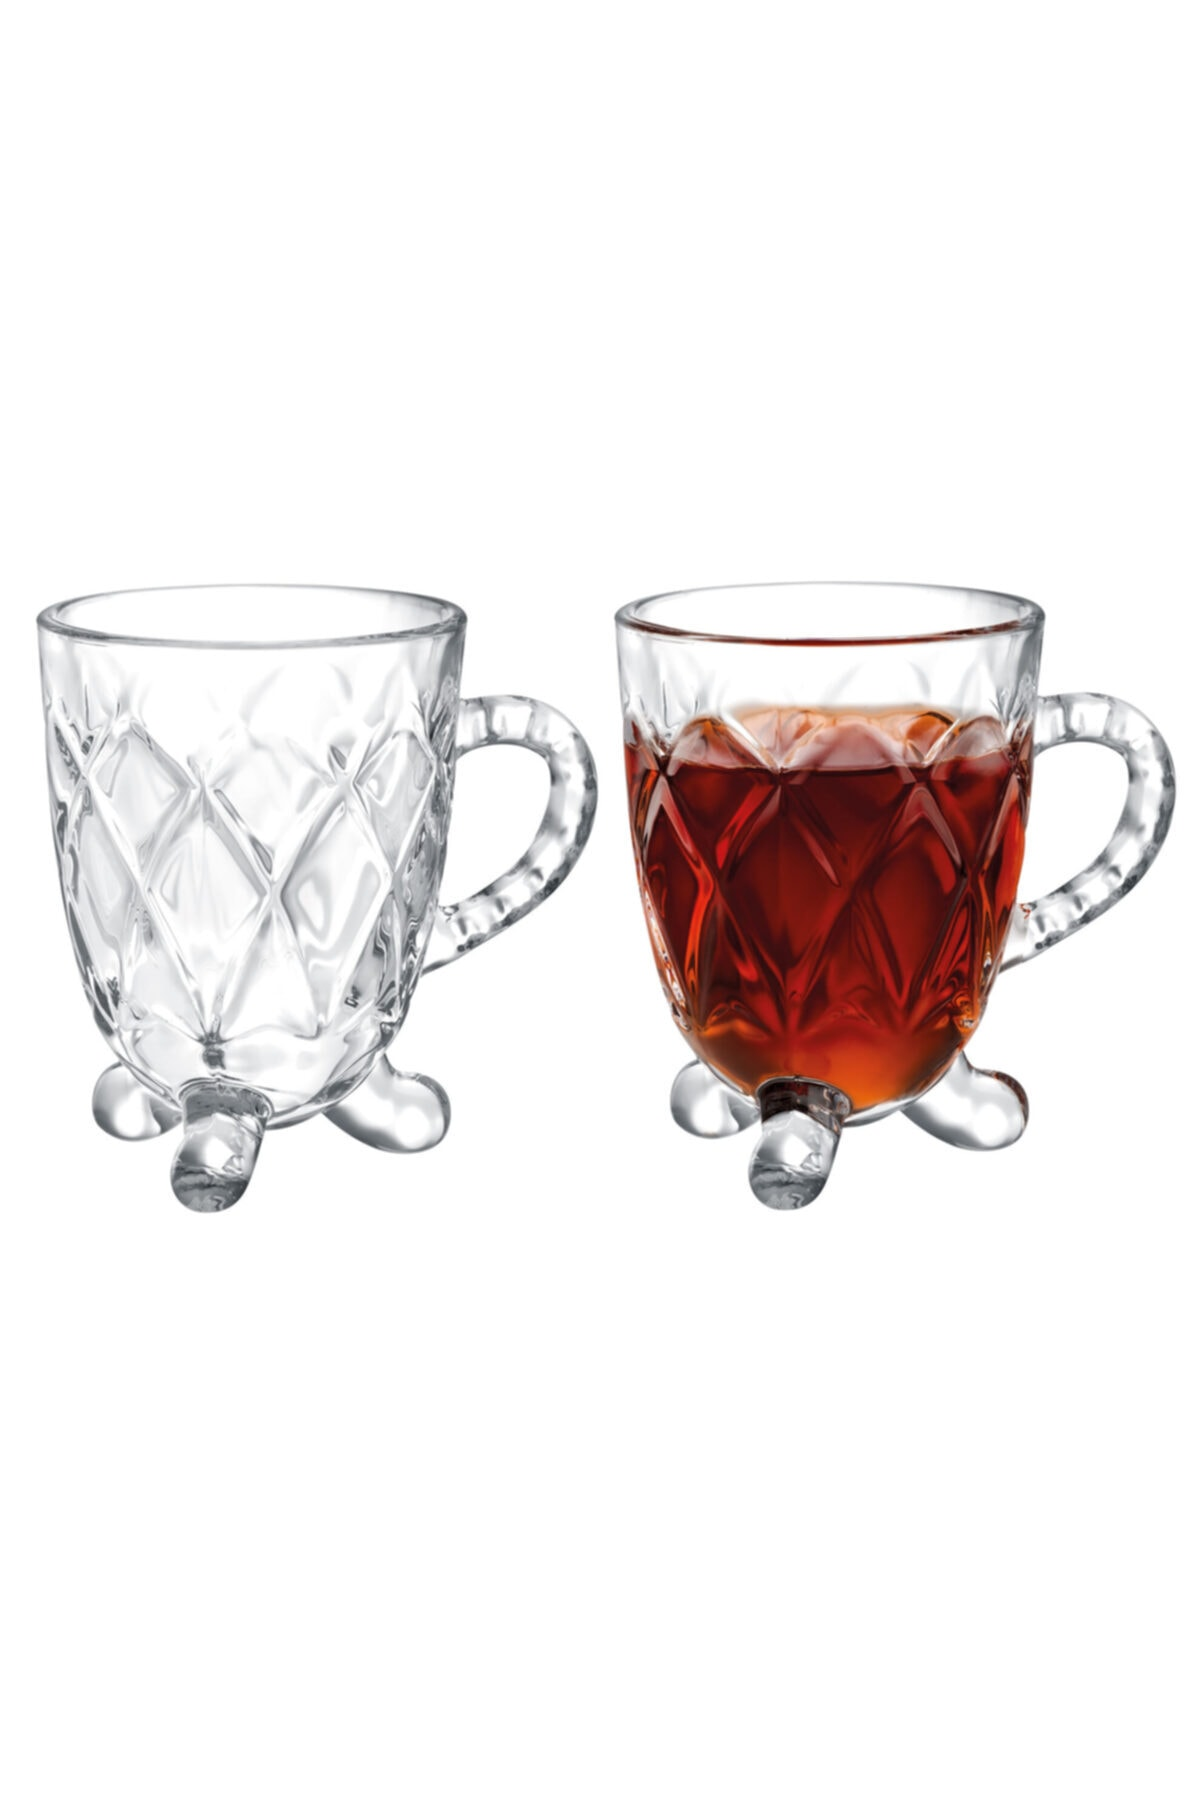 Madame Coco Taylar 4'lü Çay Fincanı 2